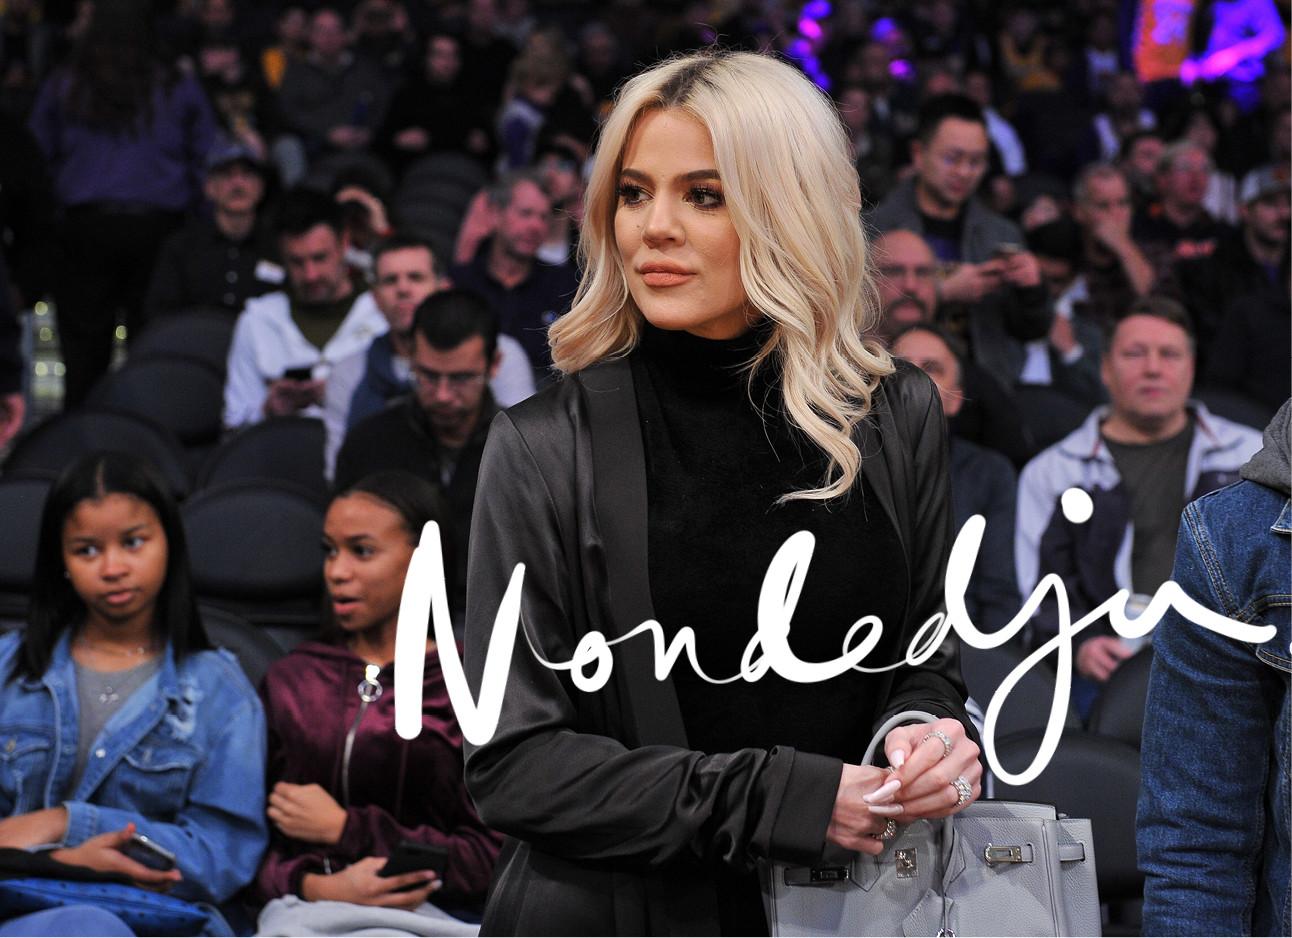 khloe kardashian tijdens een wedstrijd